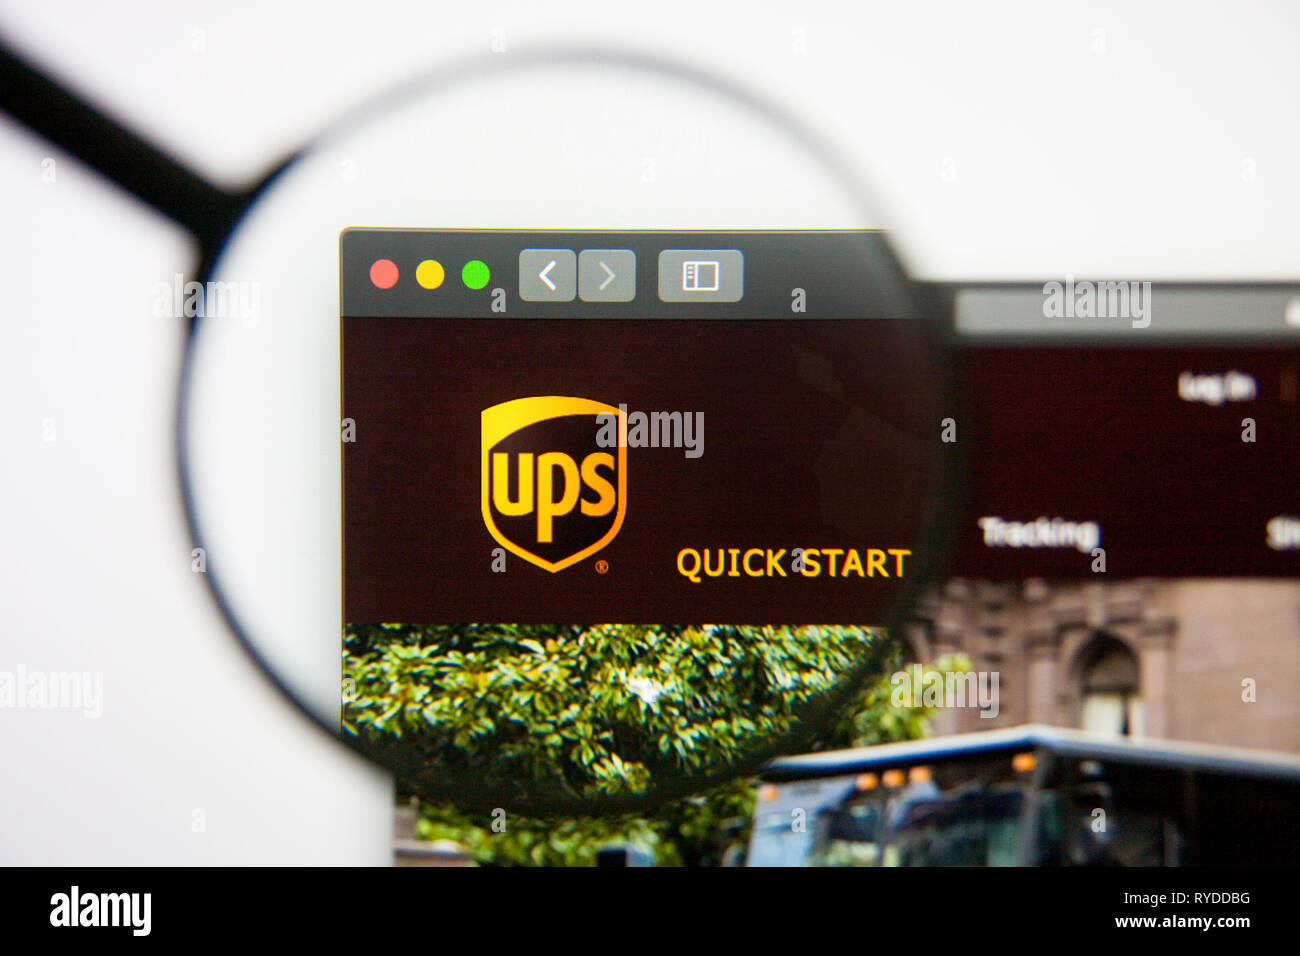 Ups Logo Stock Photos & Ups Logo Stock Images - Alamy